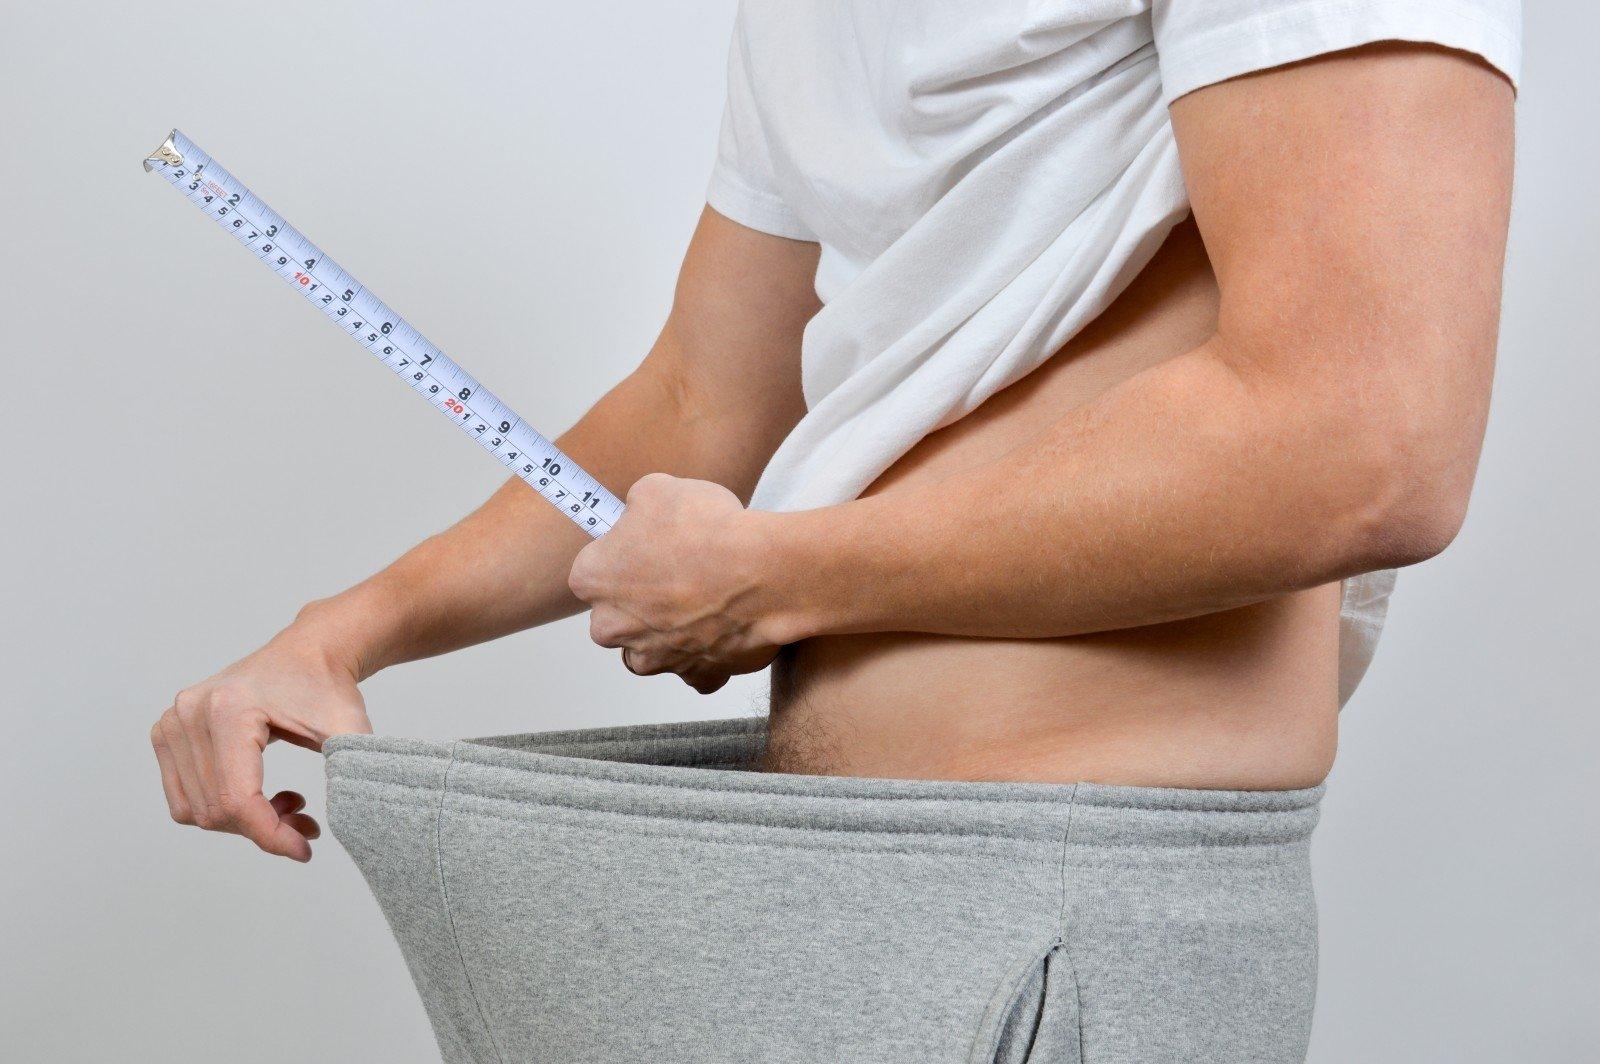 Penis gali padideti Nuotraukos ir varpos dydziai